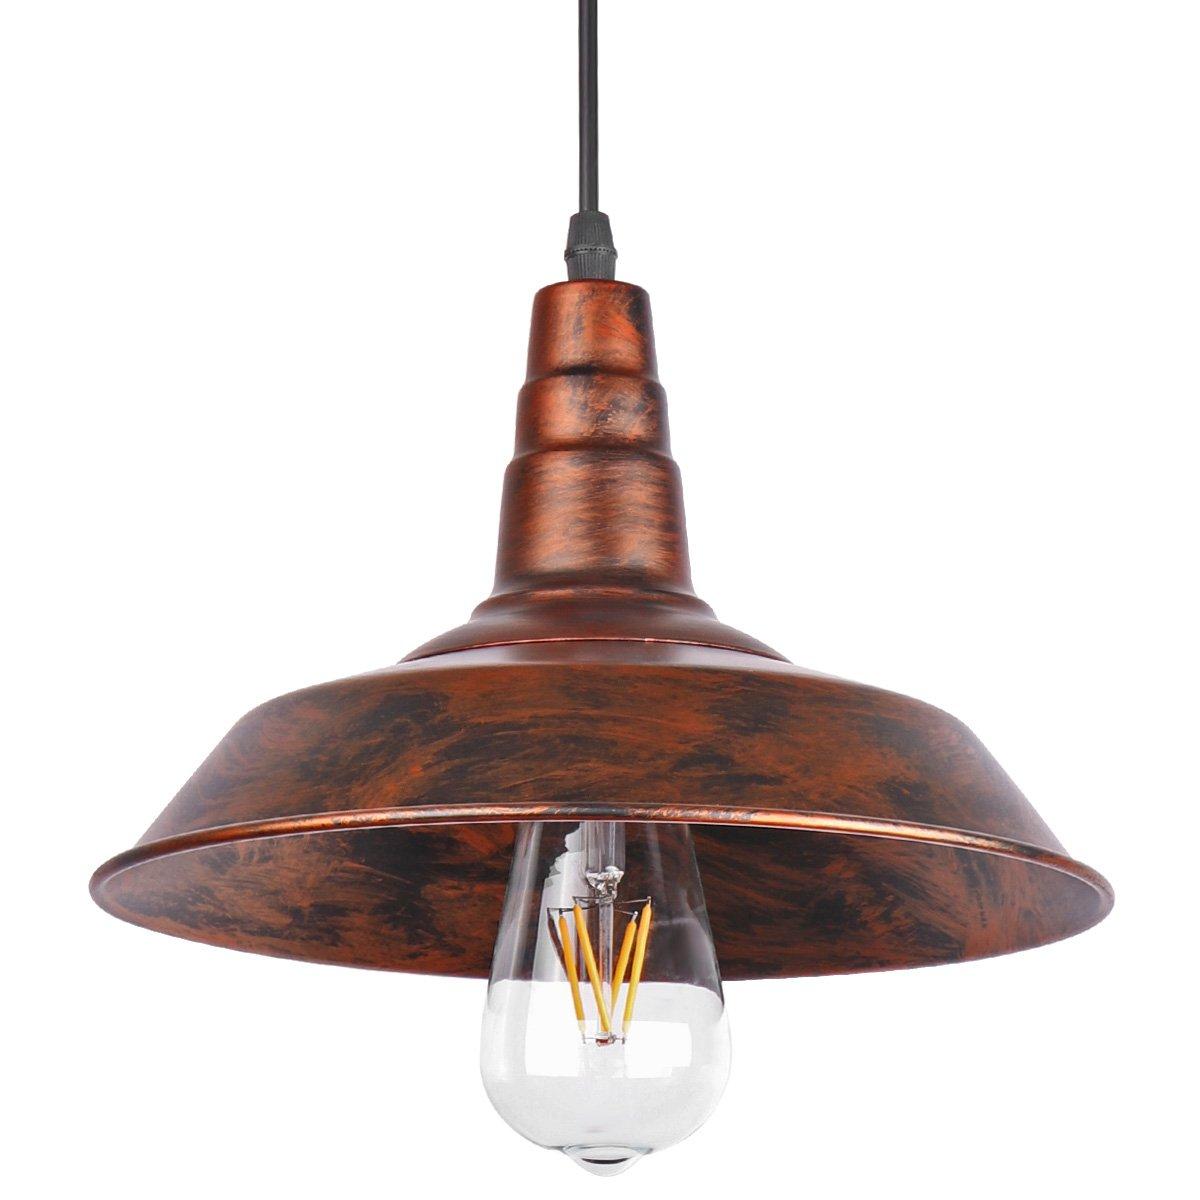 pendant lighting for a bar. Black Bedroom Furniture Sets. Home Design Ideas